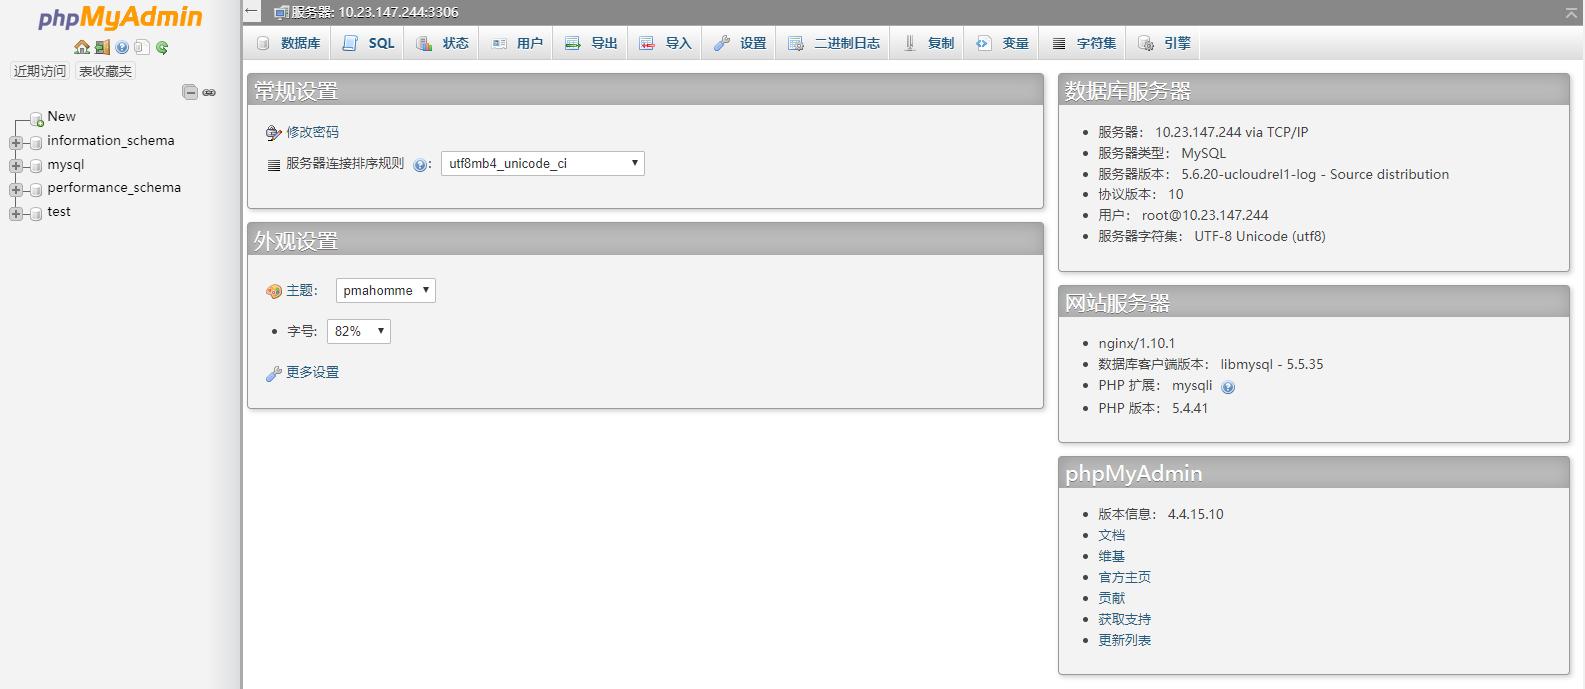 输入用户名及密码登录云数据库